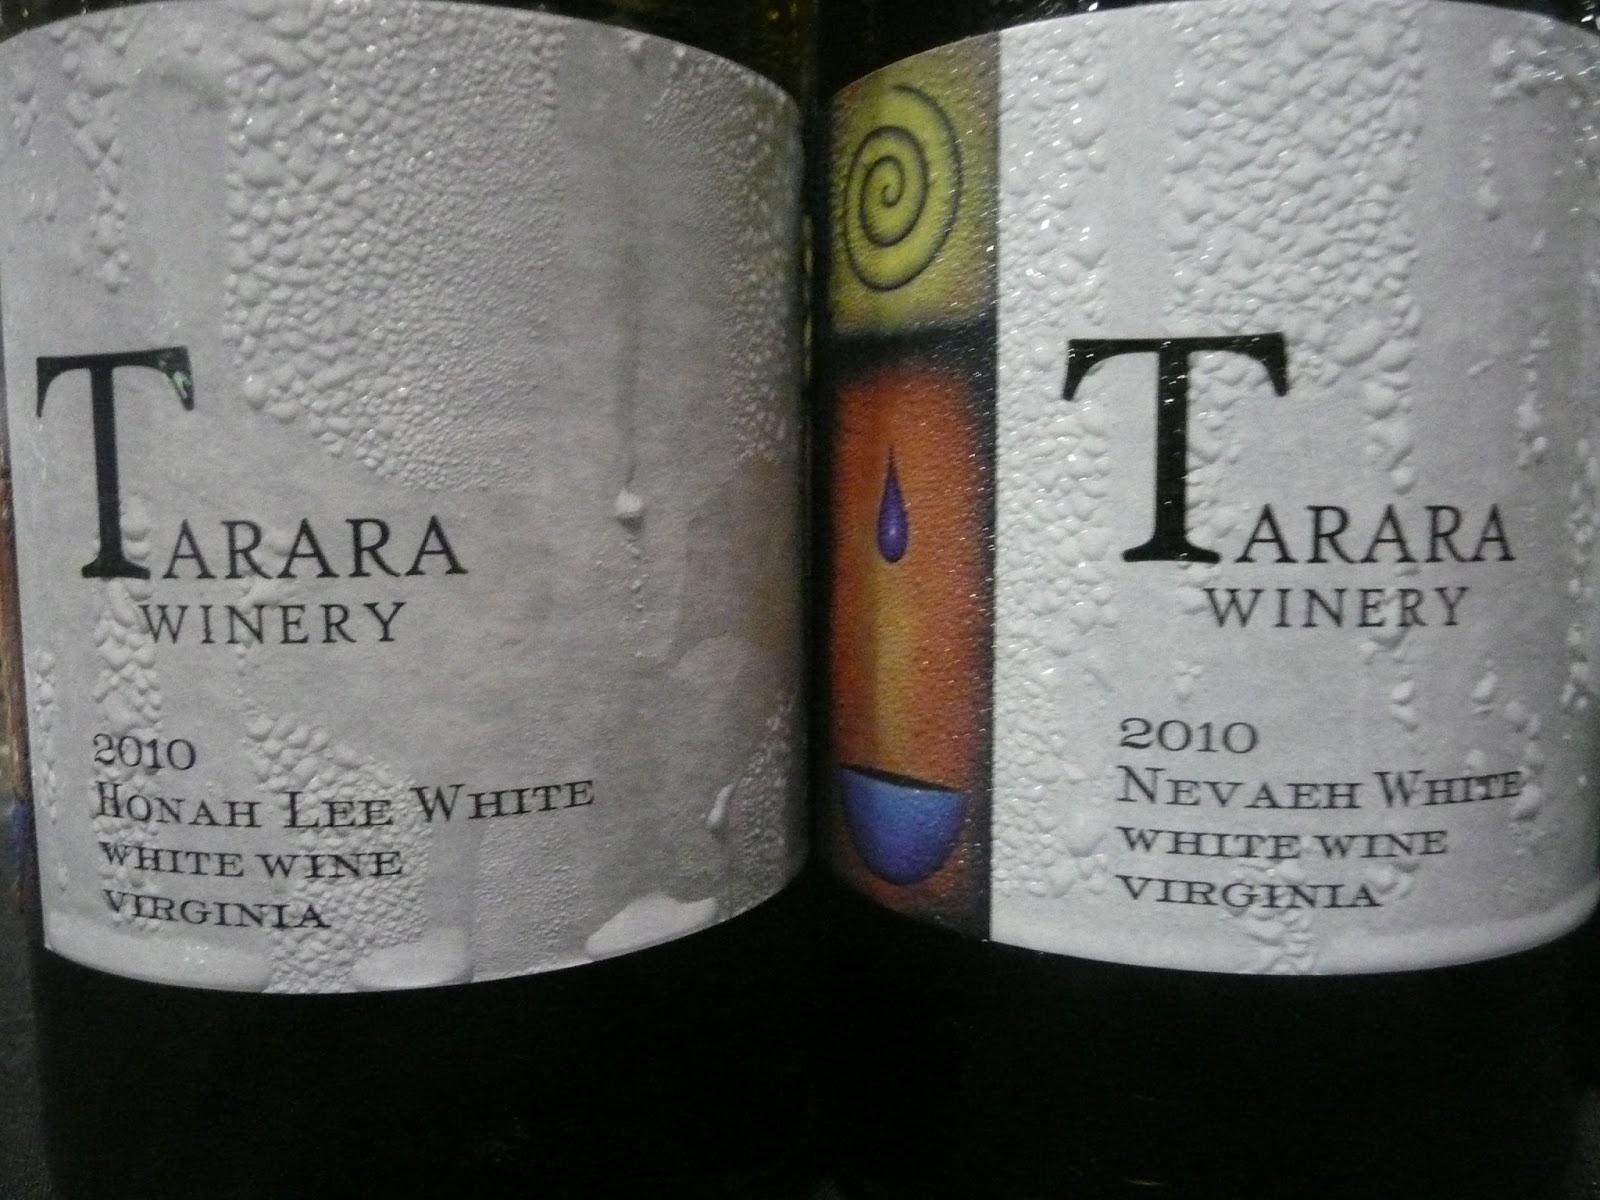 schiller-wine: May 2013